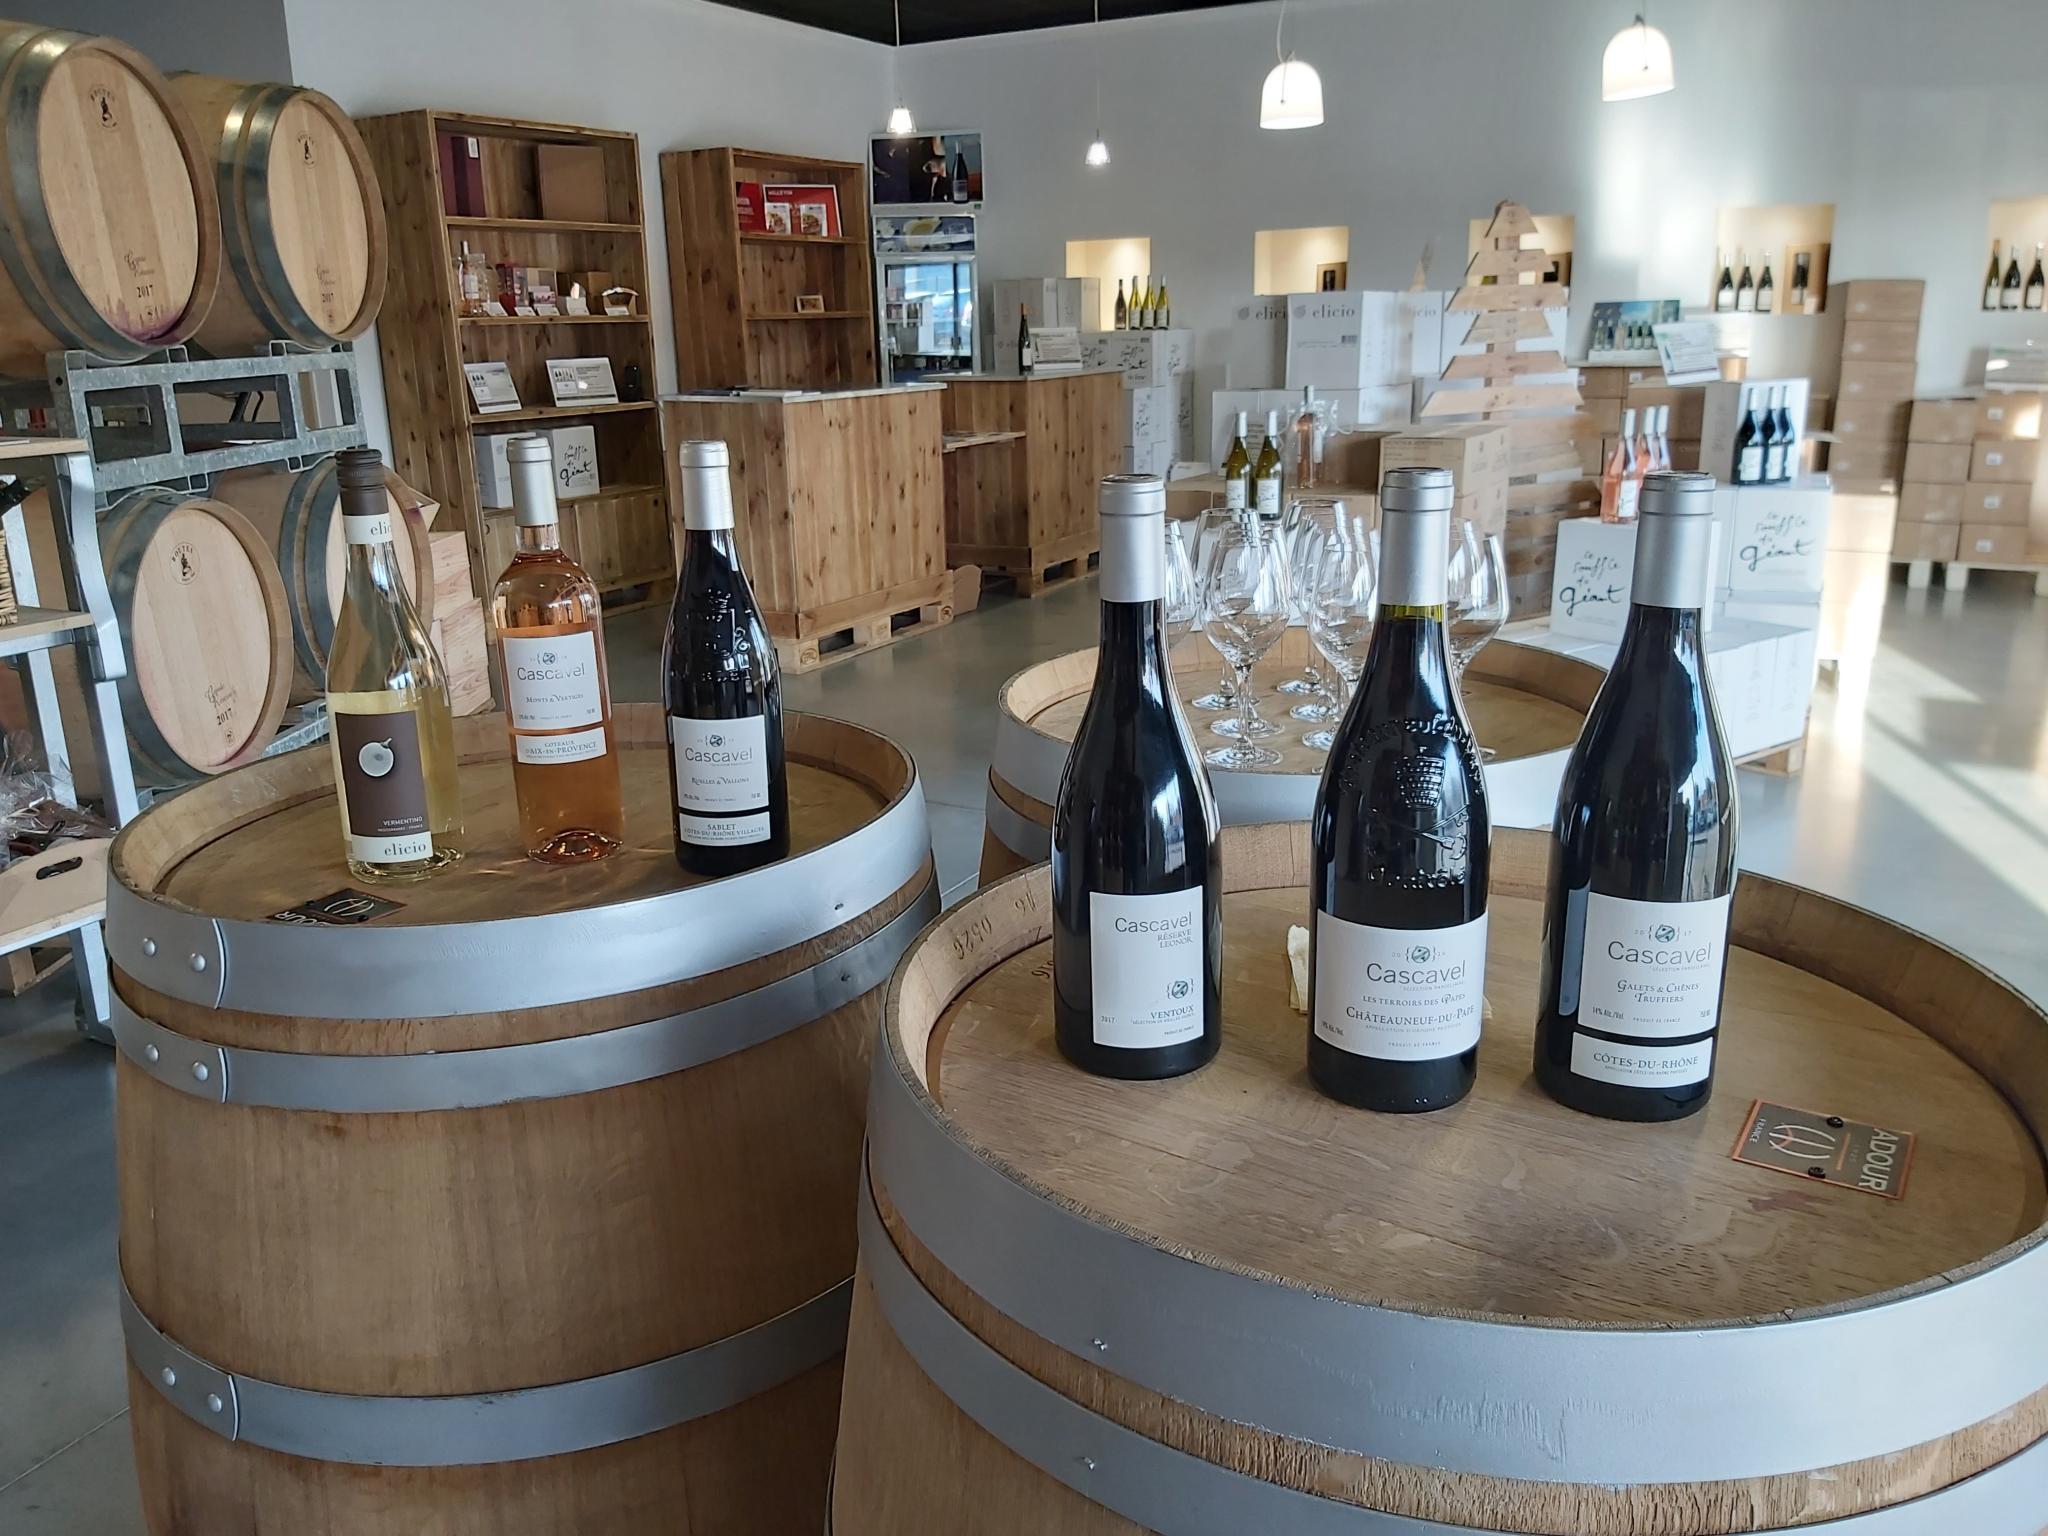 Mise en scène vins Cascavel et Elicio